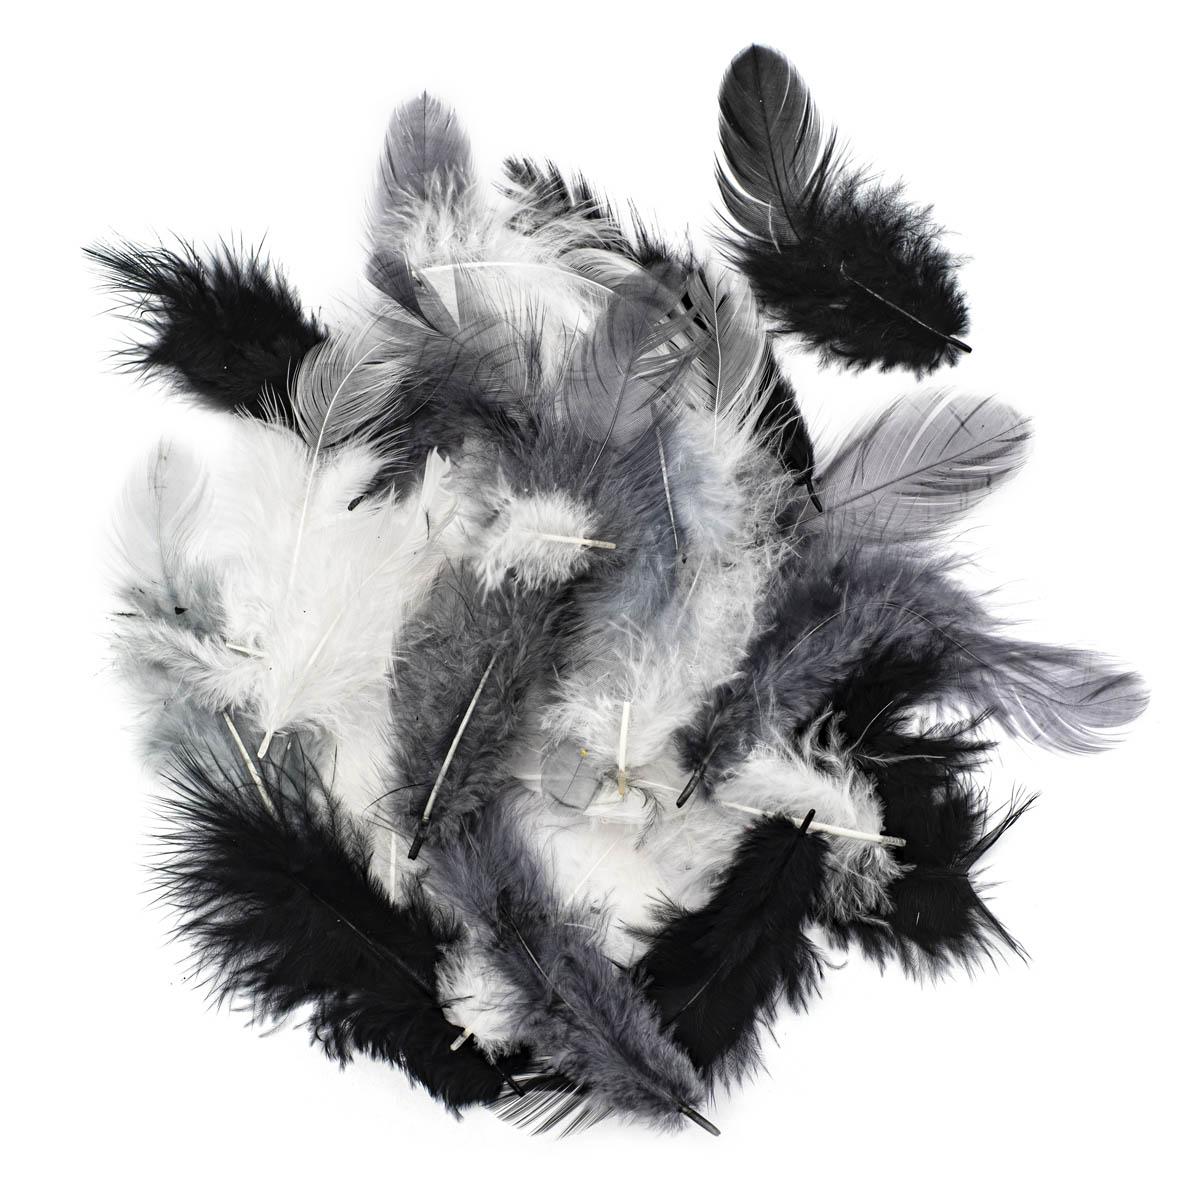 63821127 Декоративные перья белый-черный-серый 2г, (30шт.+,-) Glorex